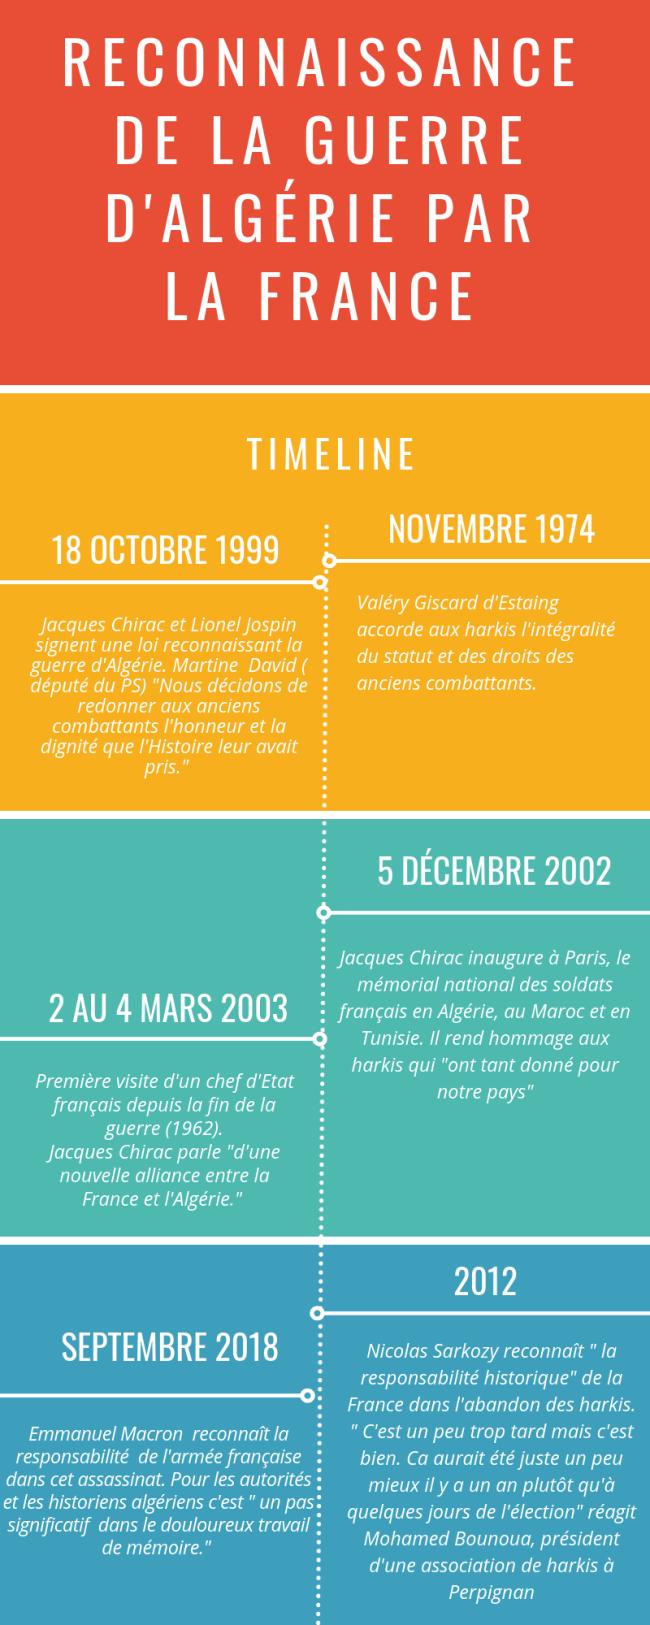 Reconnaissance de la guerre d'algériepar la France